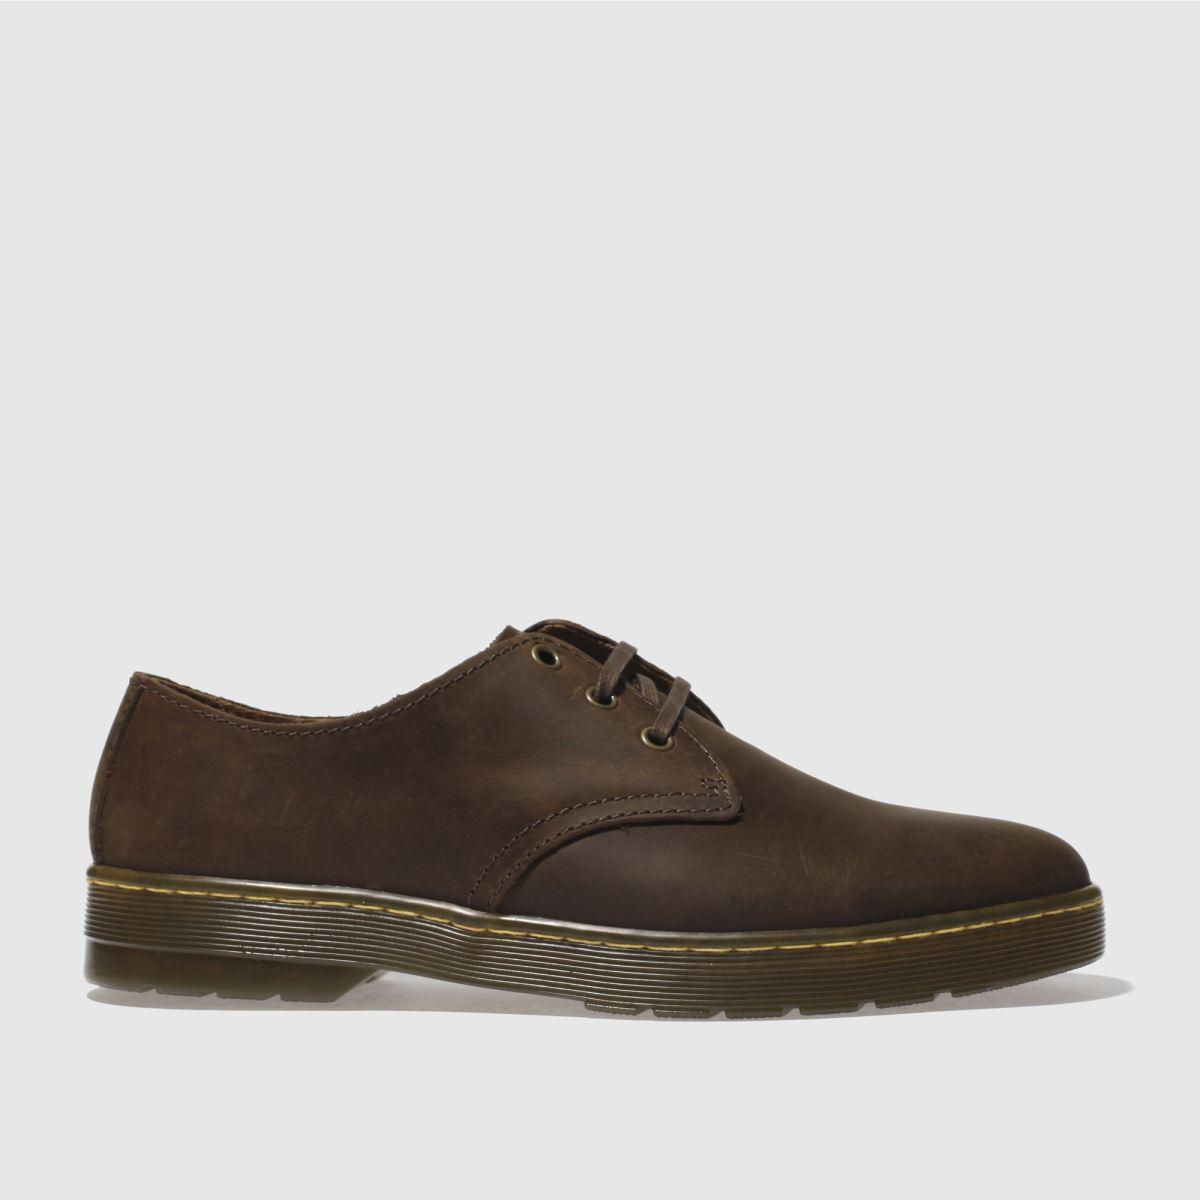 Dr Martens Brown Cruise Coronado Shoes